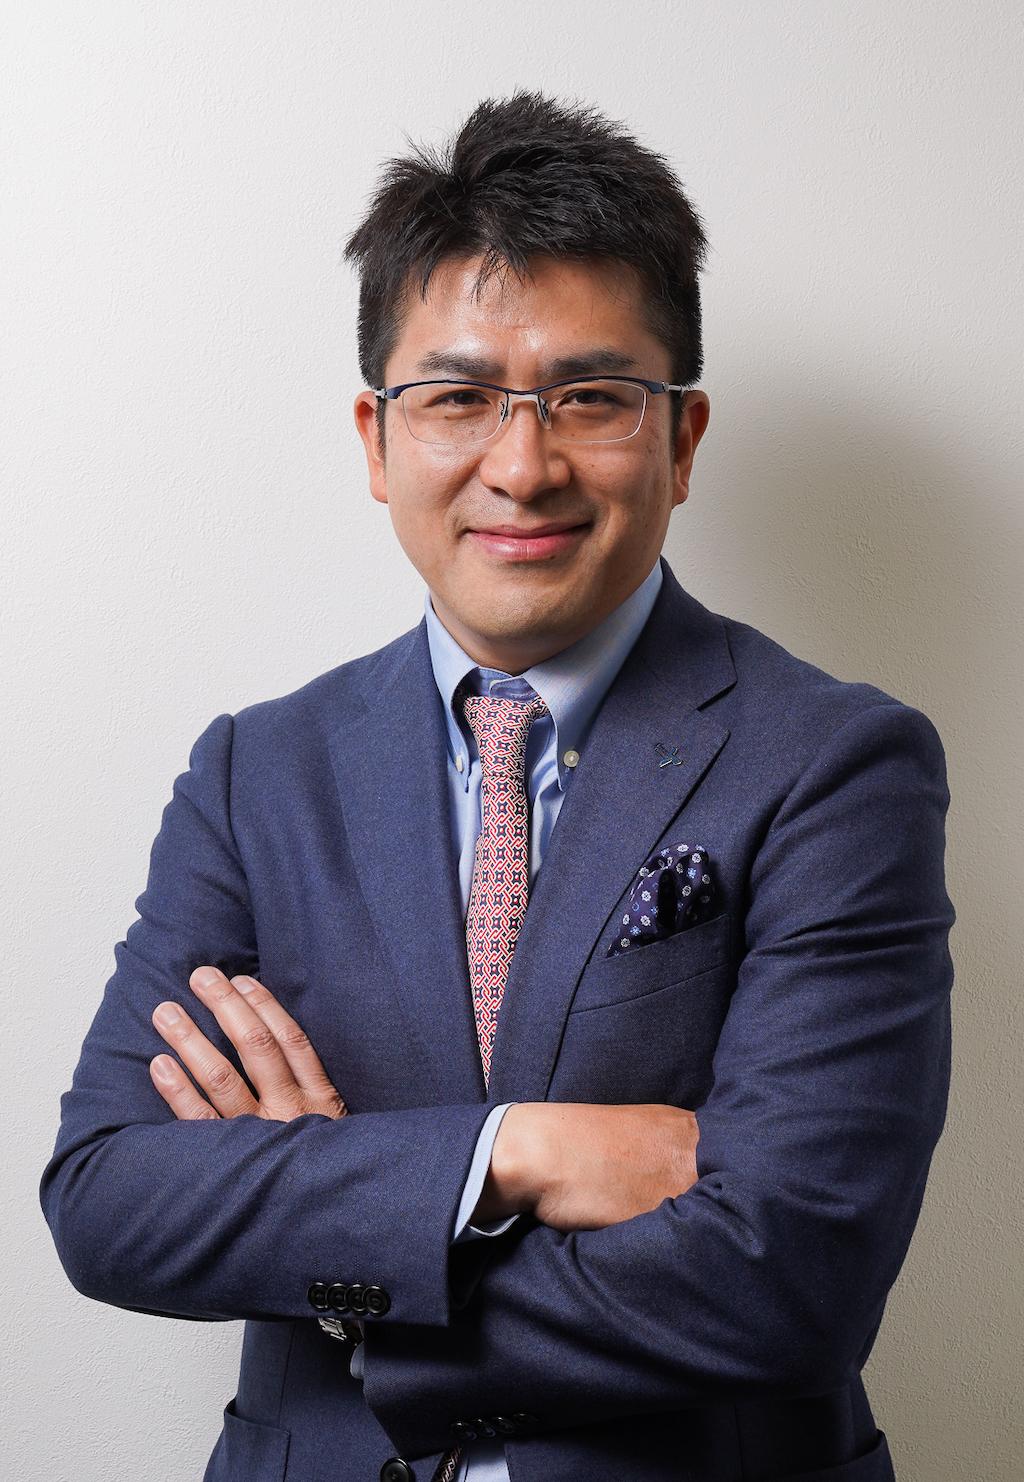 エヴィクサー株式会社 代表取締役社長 瀧川淳